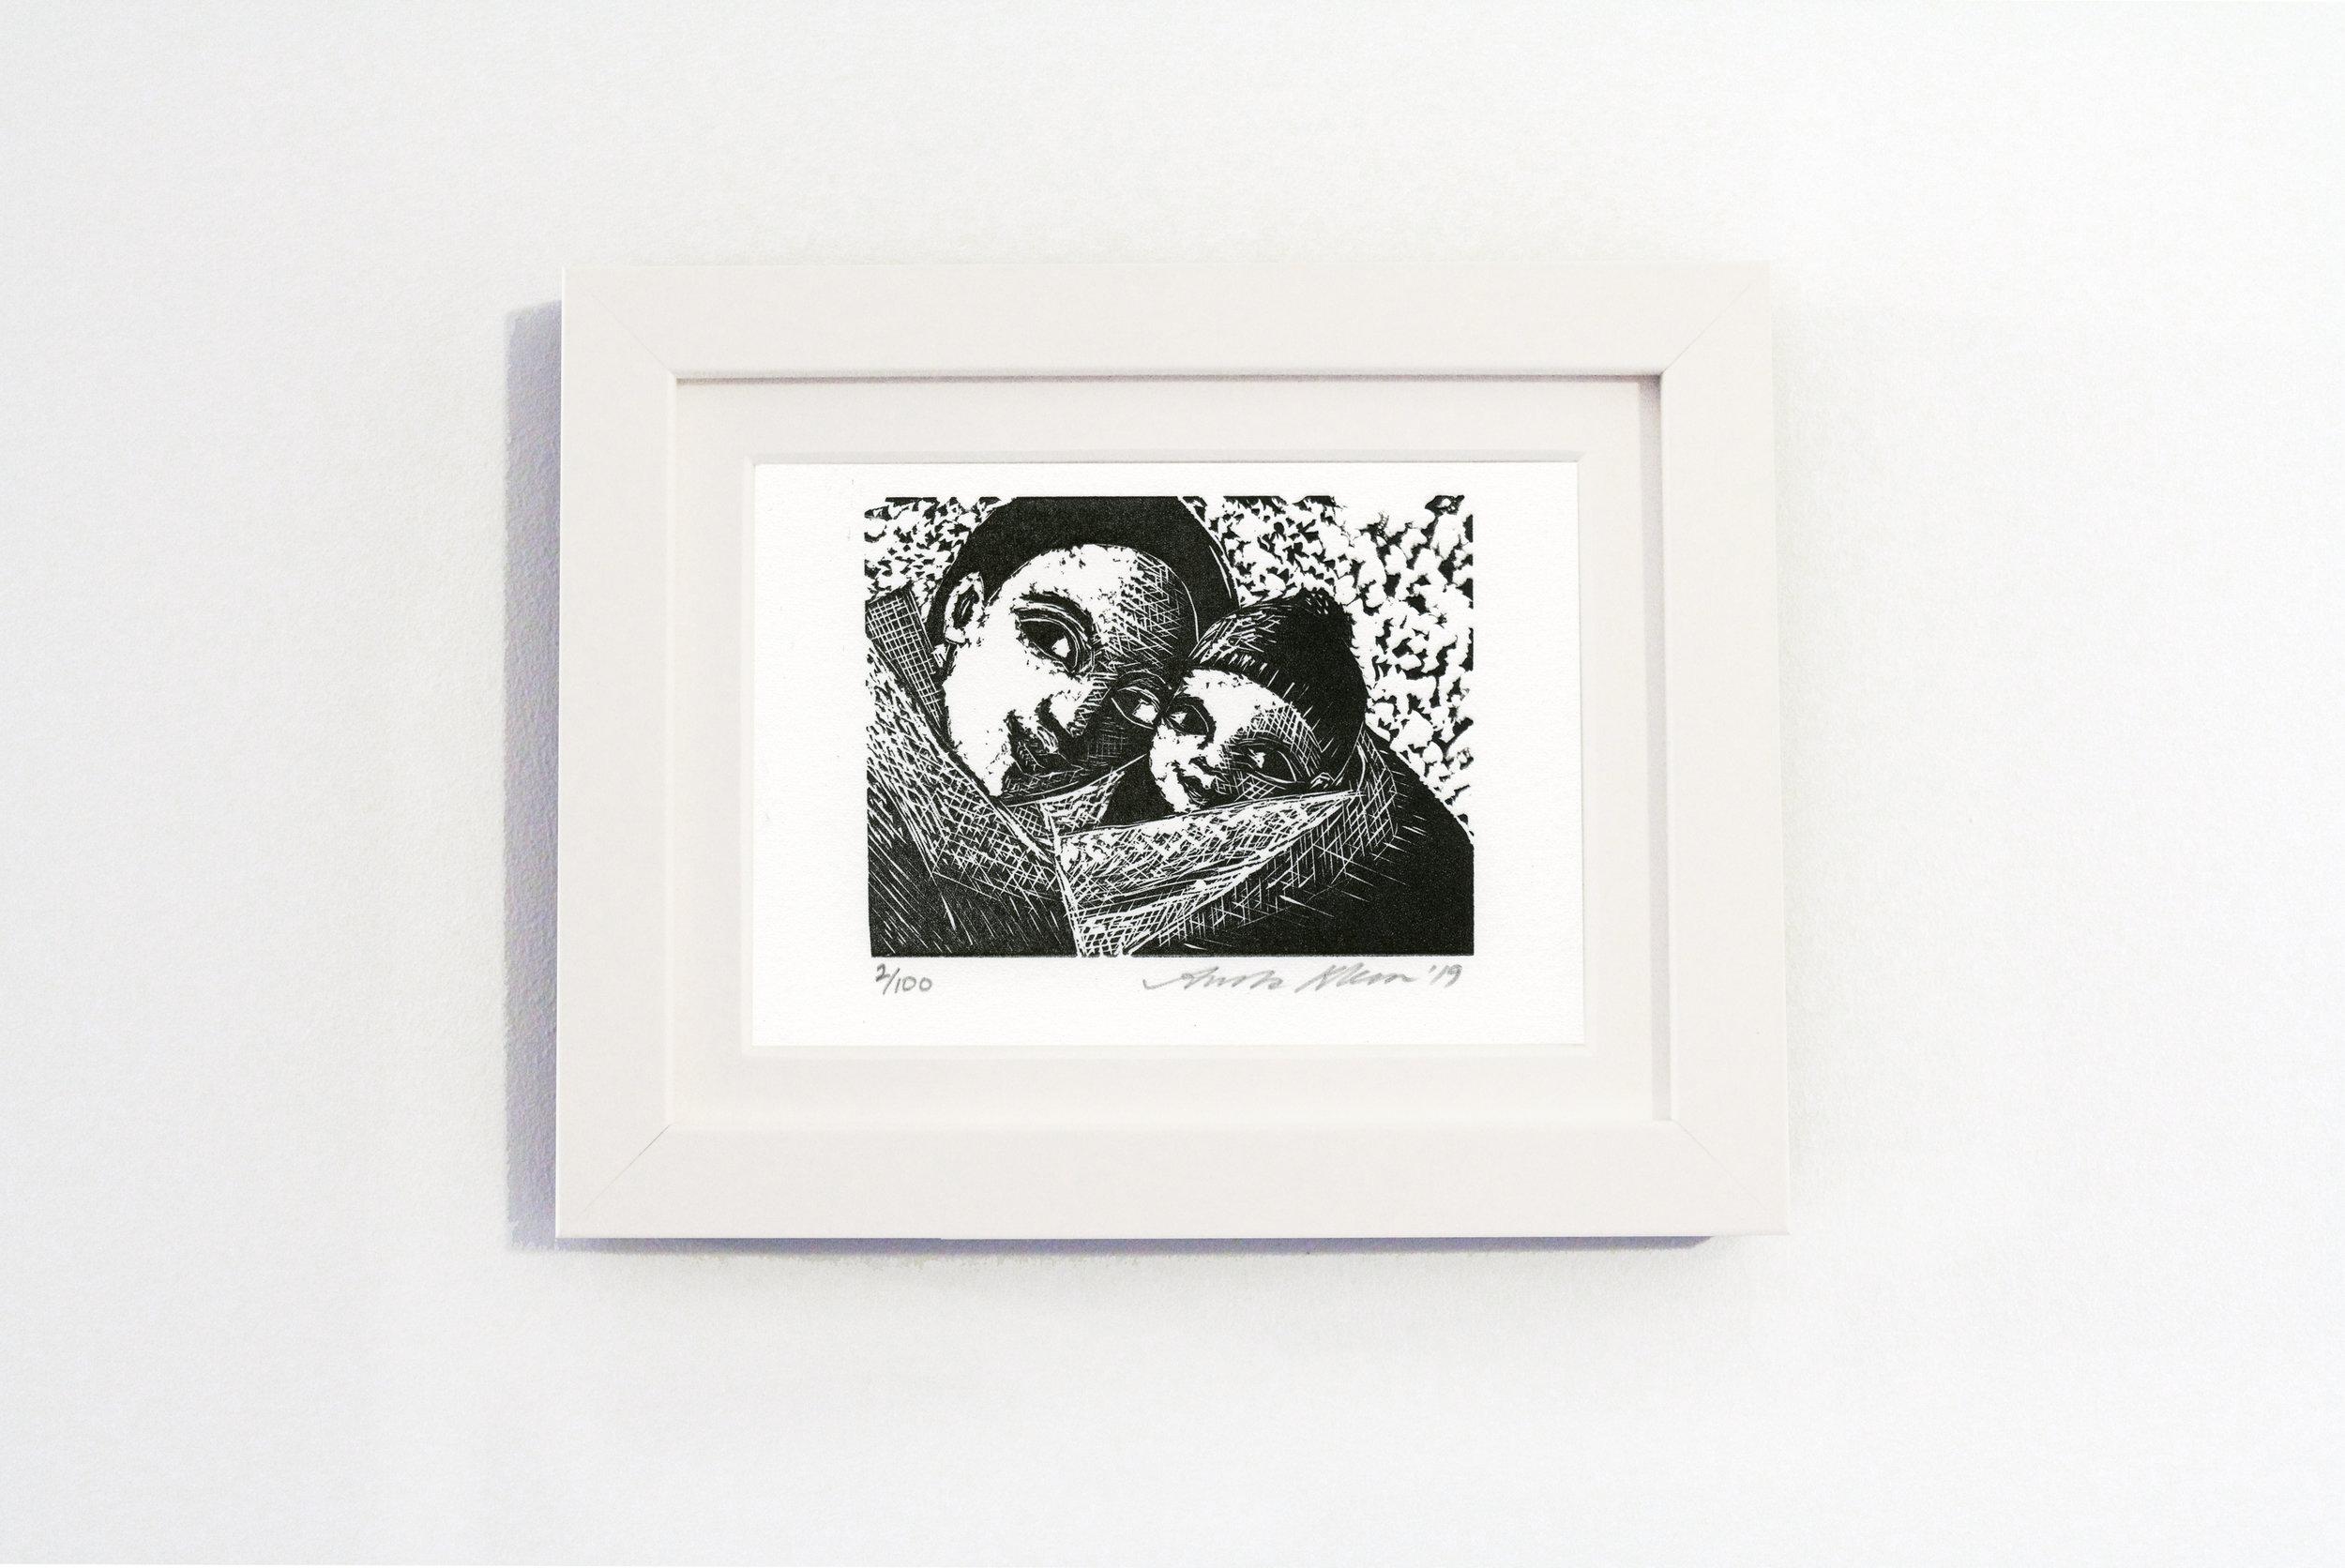 Anita Klein - White Frame.jpg